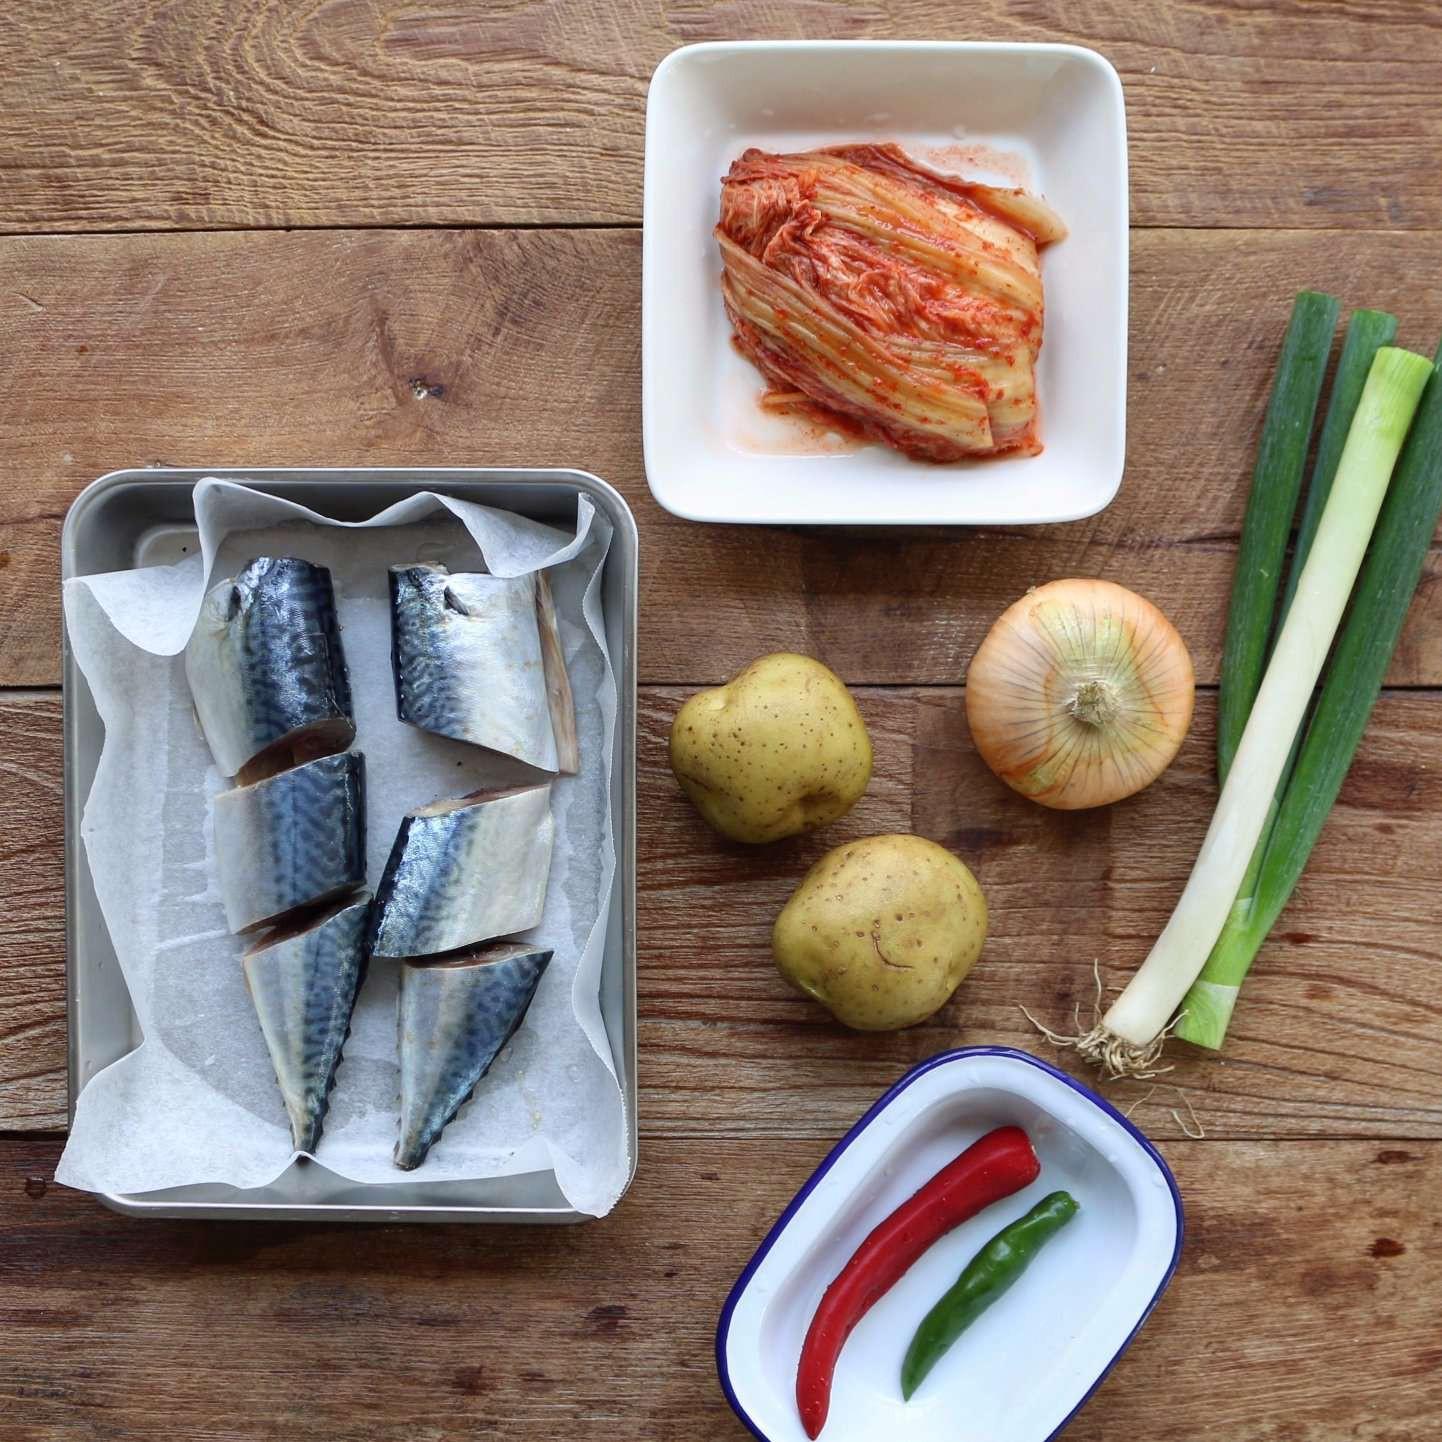 Nguyên liệu này bán đầy siêu thị, cho vào món cá kho thì ngon tuyệt vời - Ảnh 1